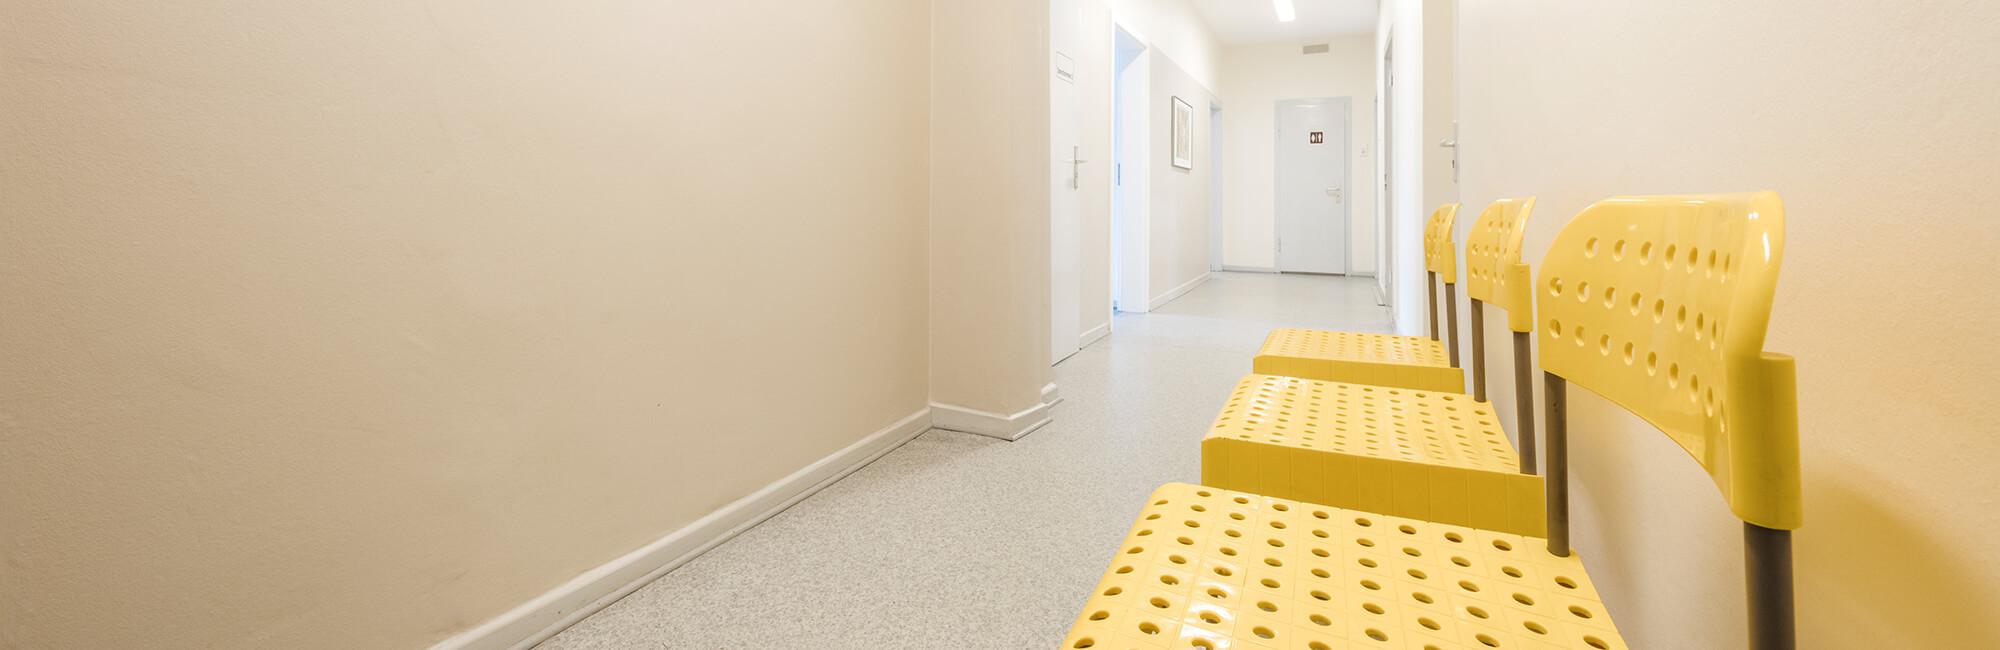 Hausarzt-Bochum-Triebel-Slider